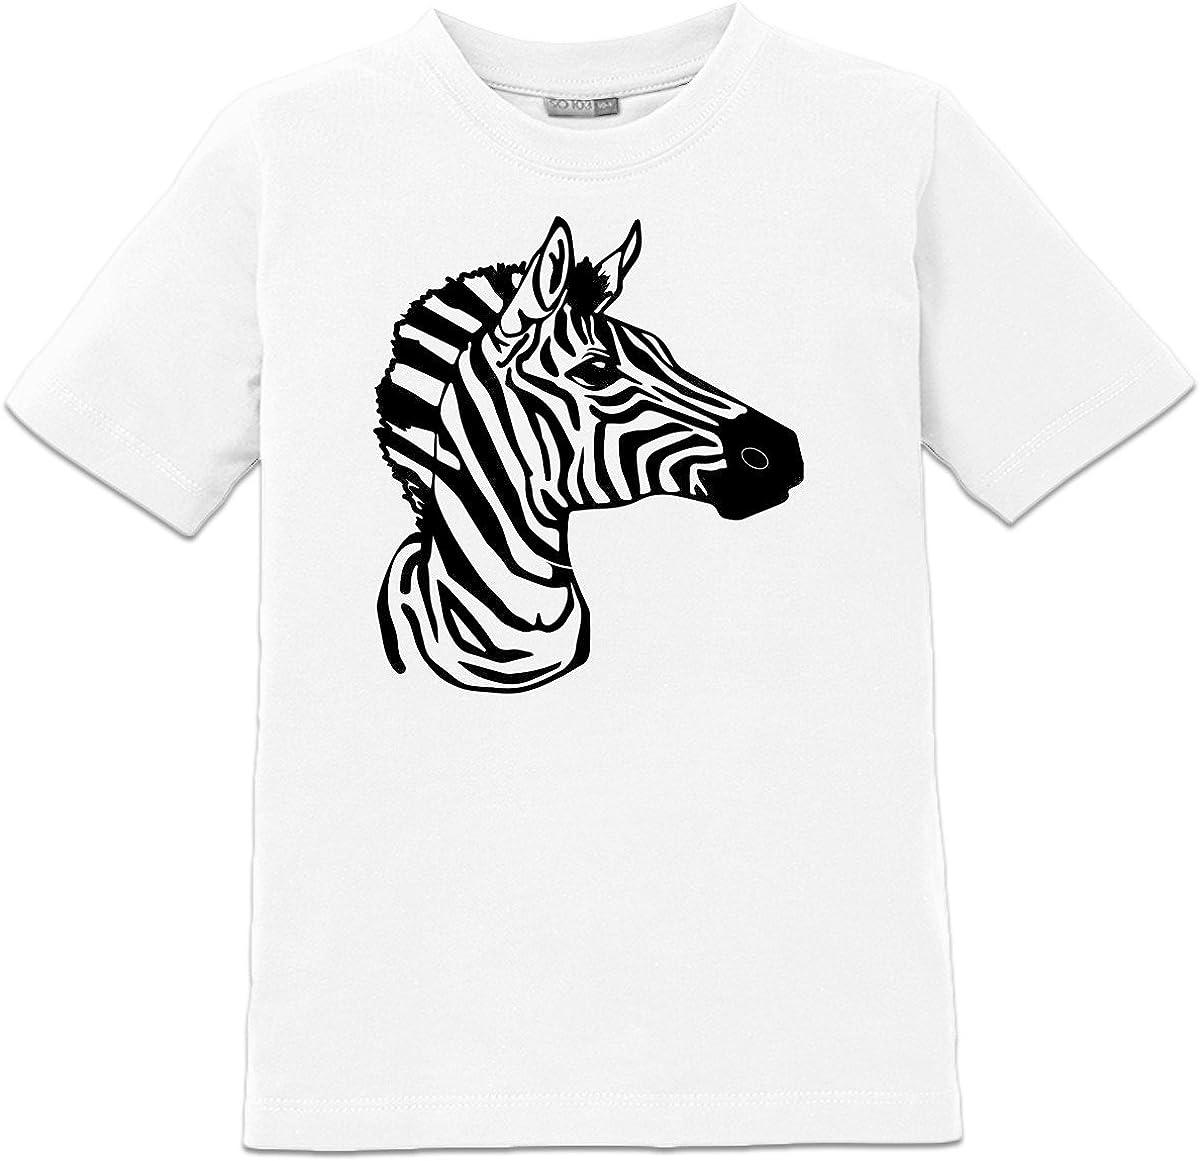 Camiseta de niño Zebra Head by Shirtcity: Amazon.es: Ropa y accesorios